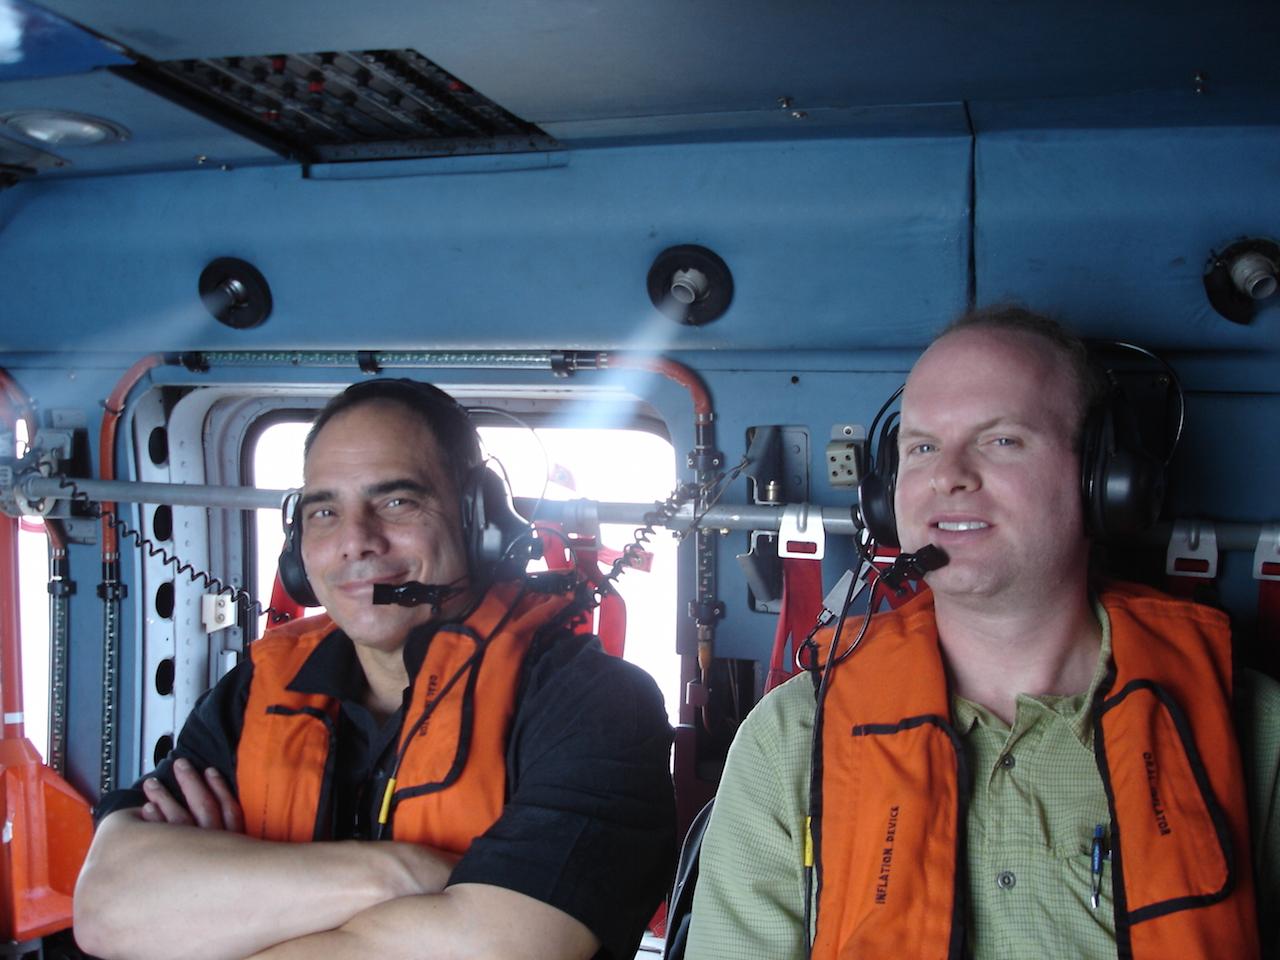 Daniel Kaniewski and Jim Carafano